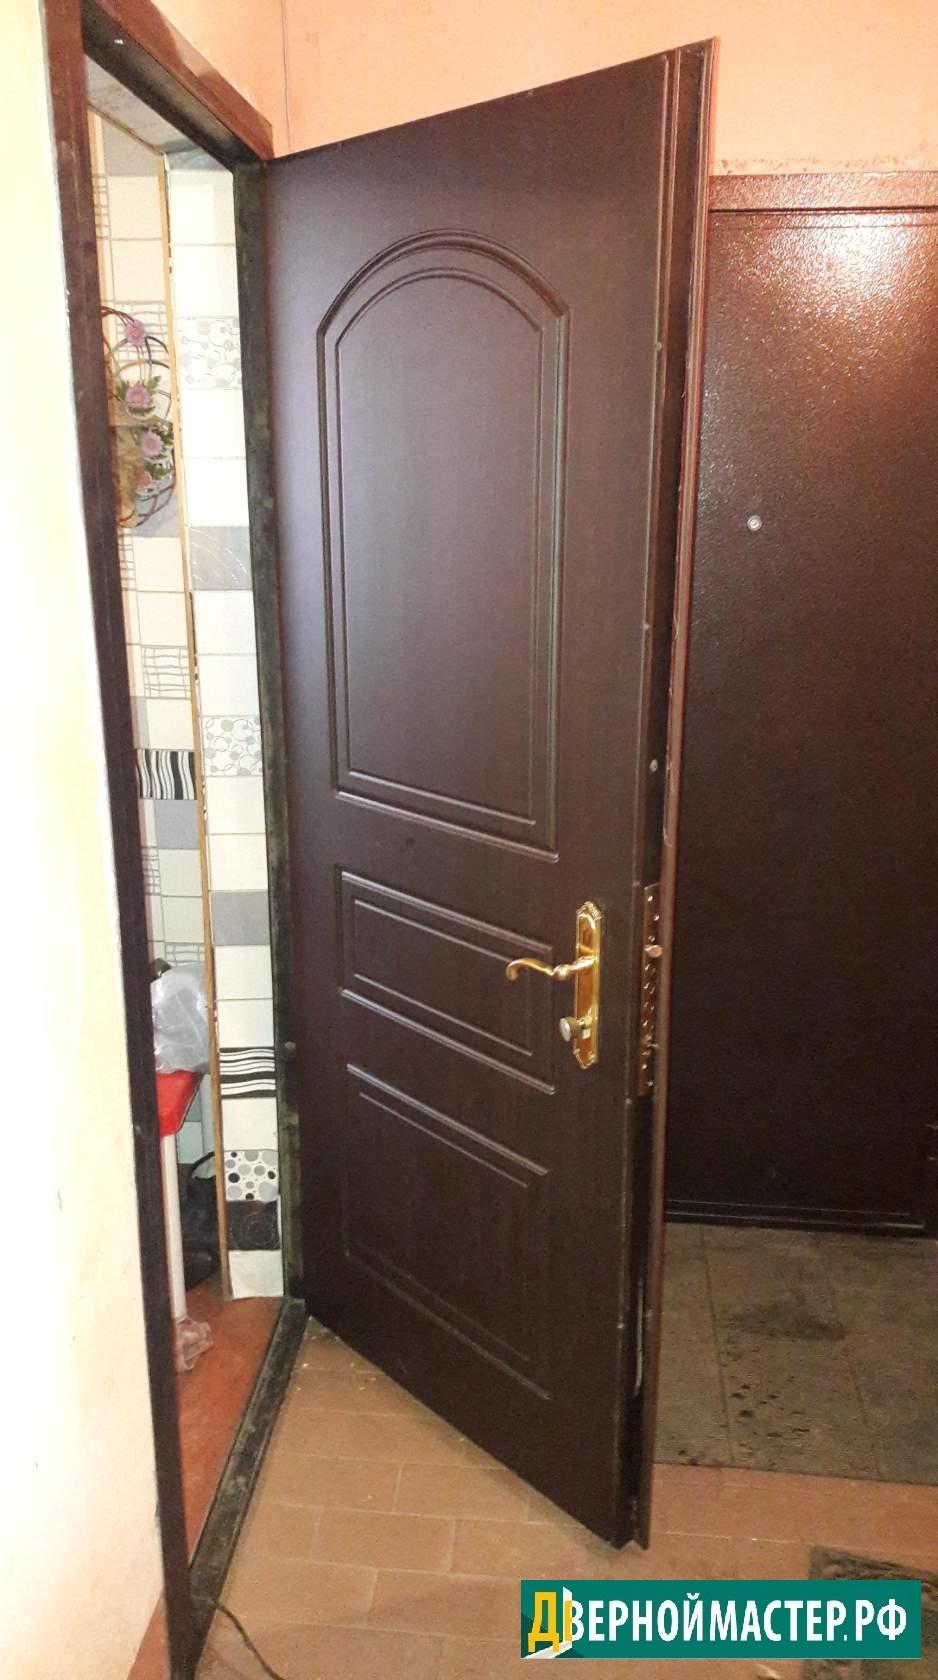 Теплая металлическая входная дверь для квартиры с отделкой под дерево